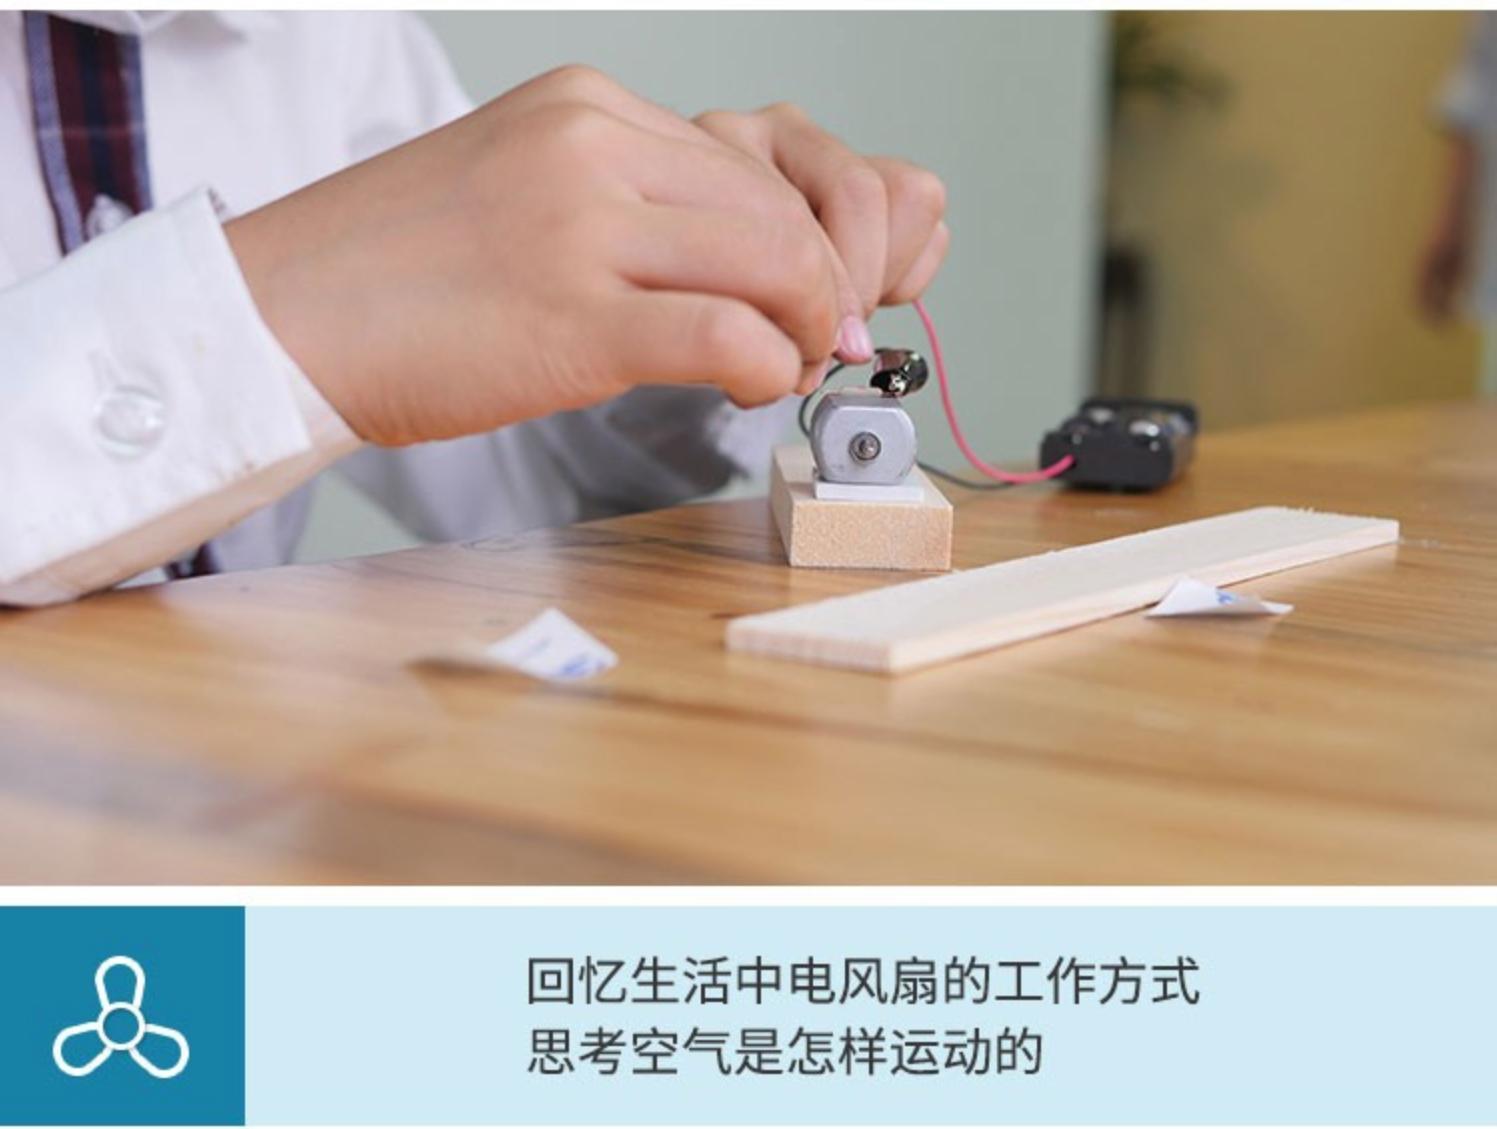 在家就能上的硅谷动手科学课:玩创Lab美式steam小学科学课手工科技小制作